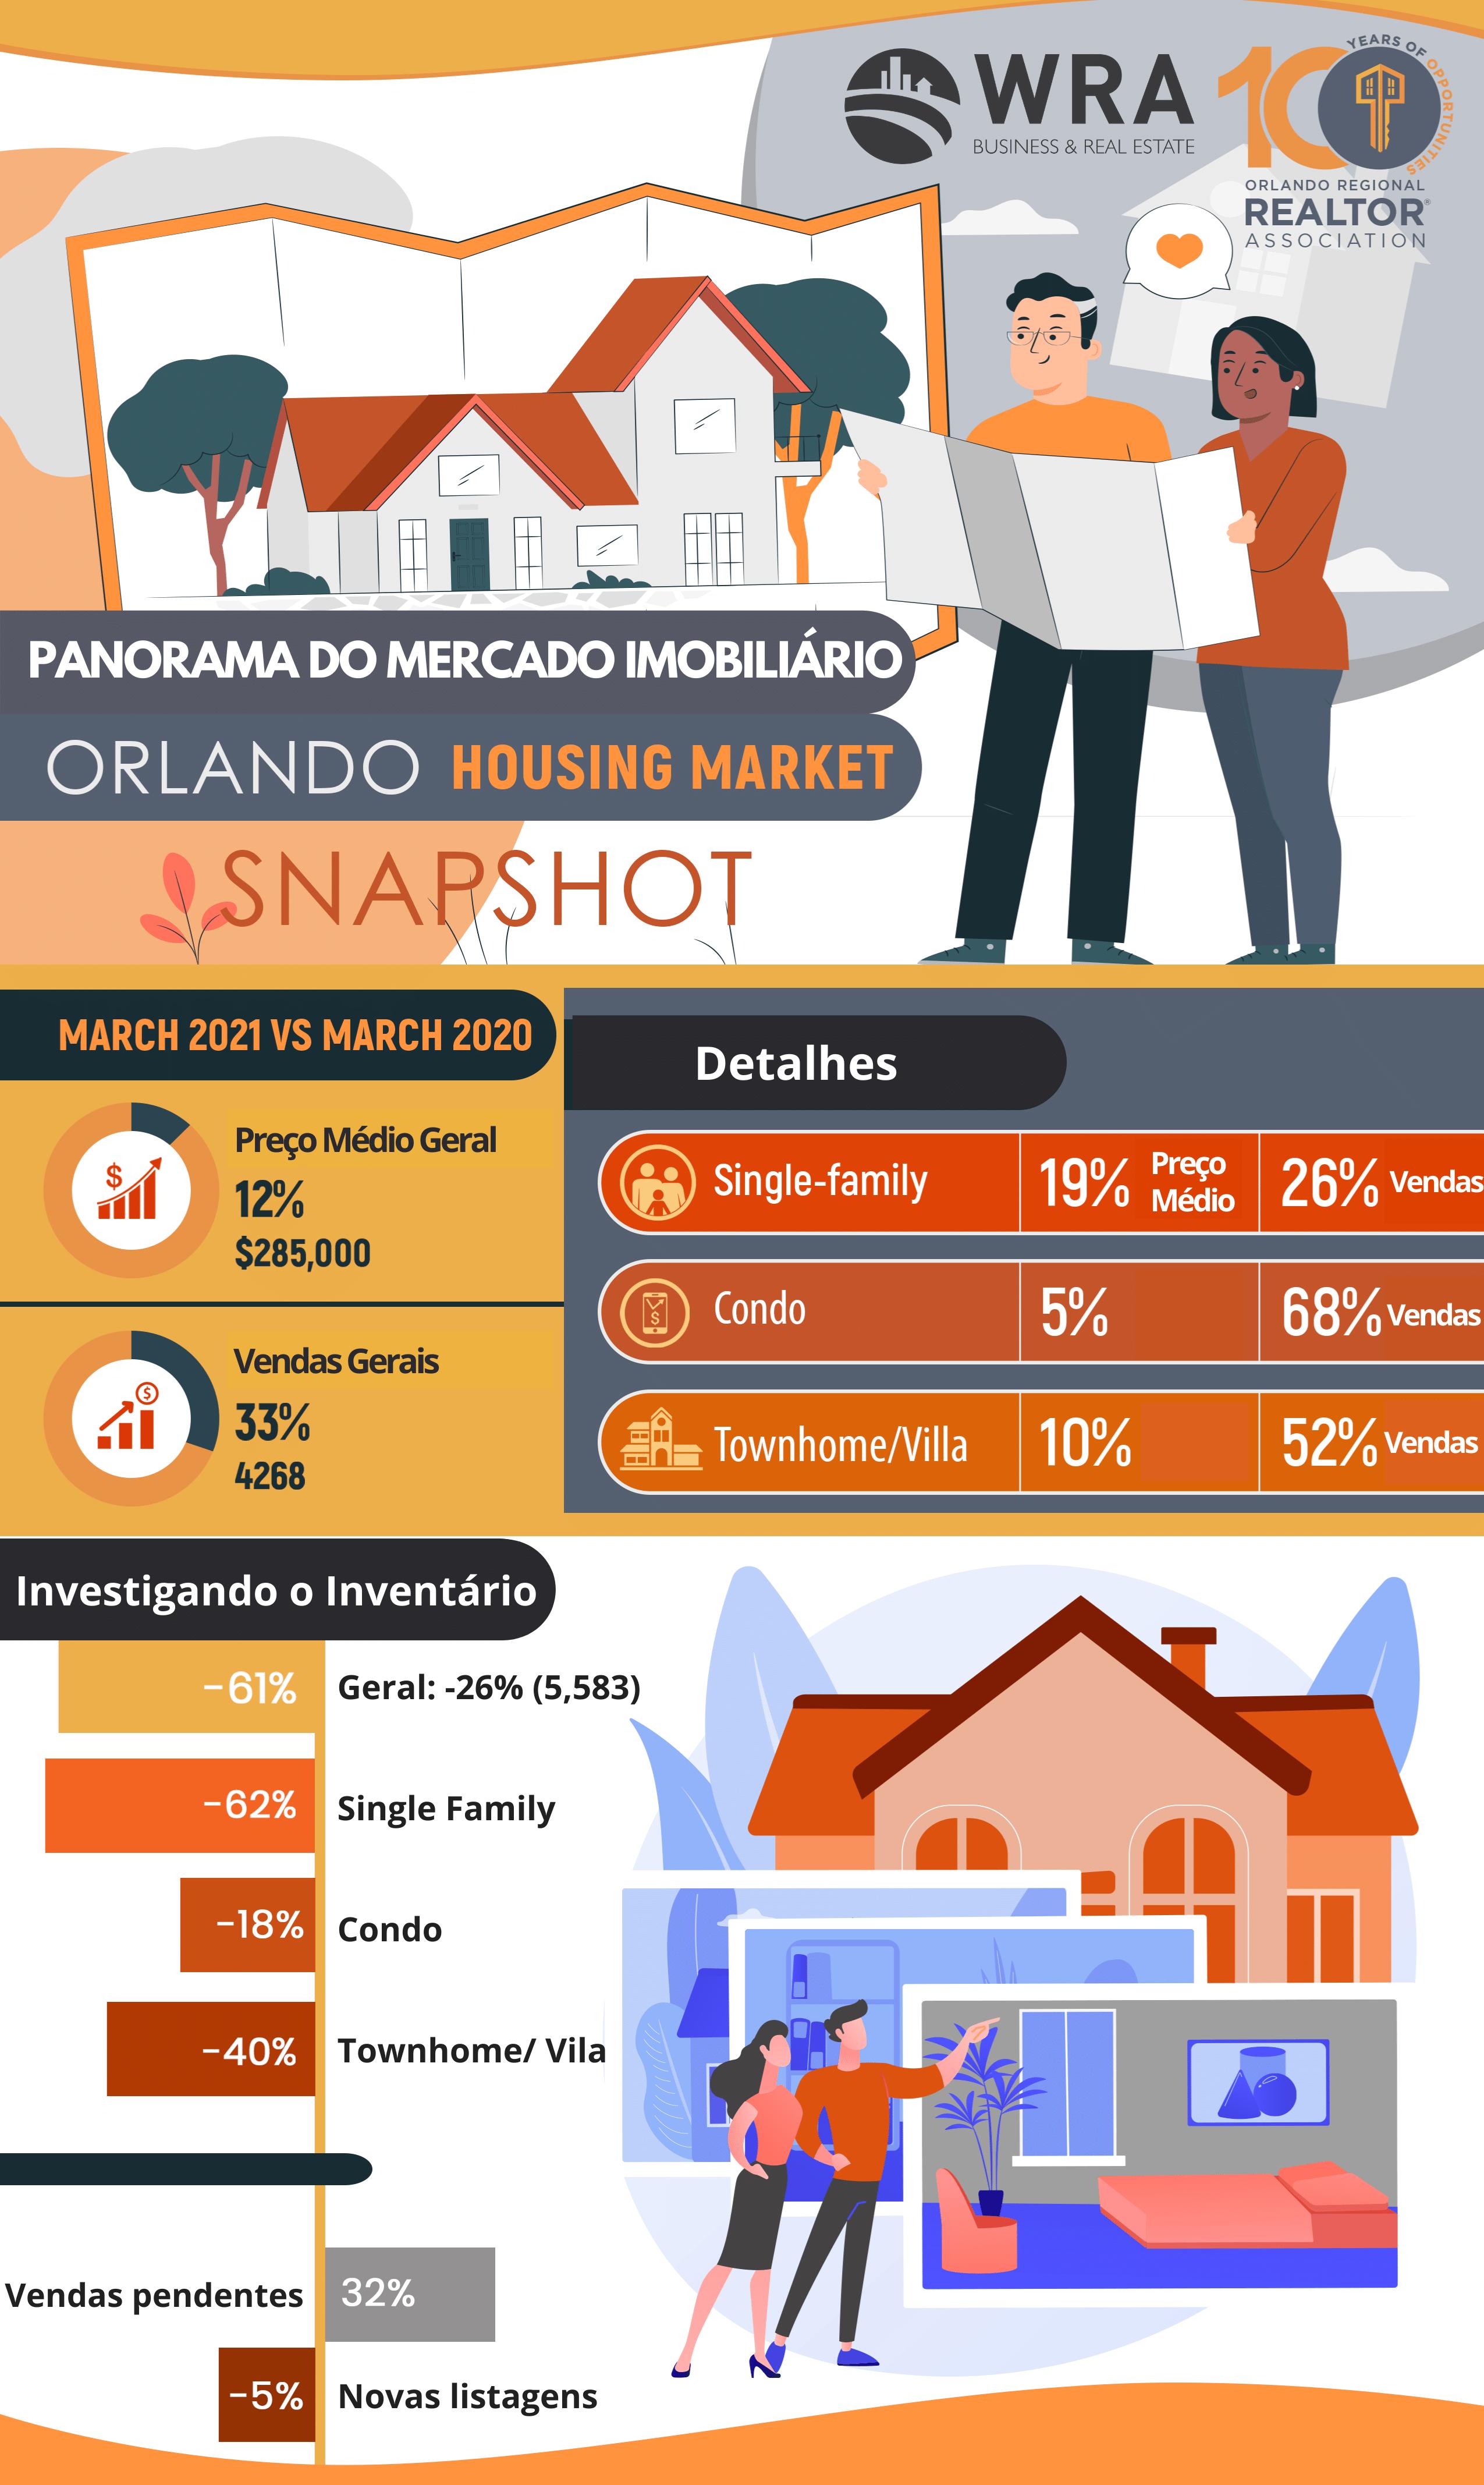 Panorama do Mercado Imobiliário de Orlando em Março de 2021